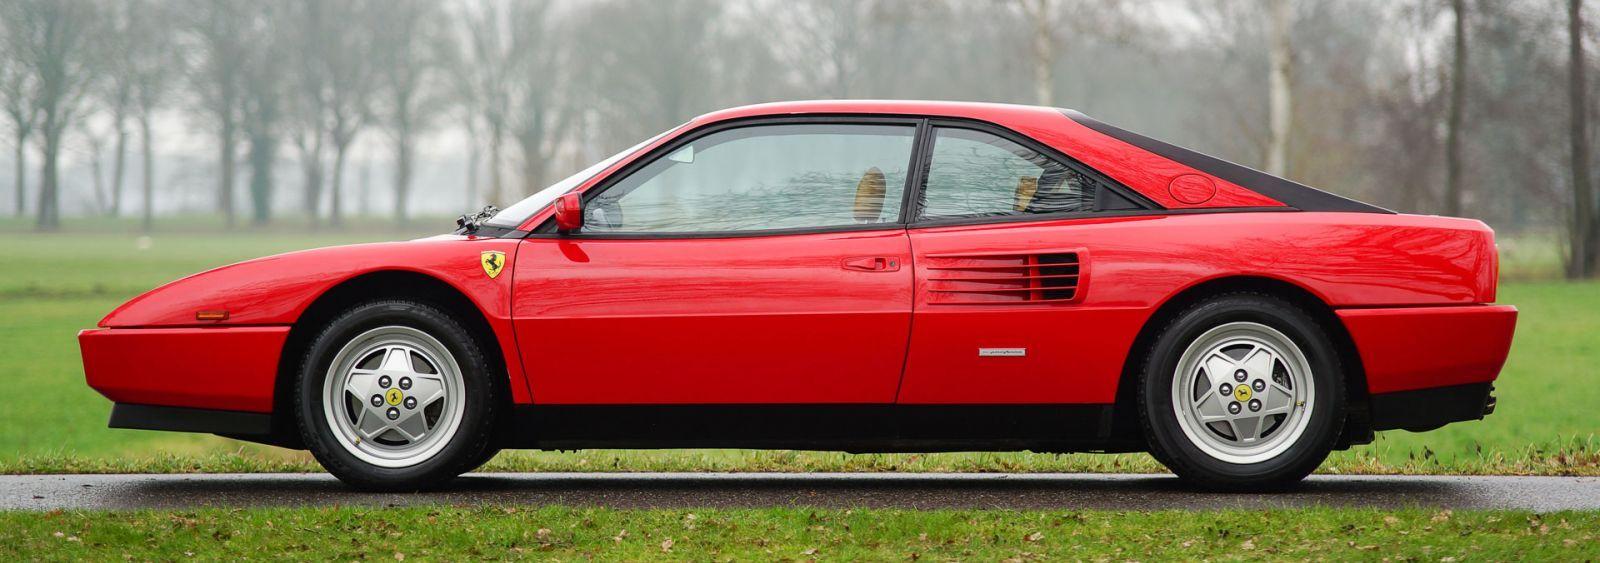 Ferrari Mondial - o caso do carro desaparecido por mais de 20 anos